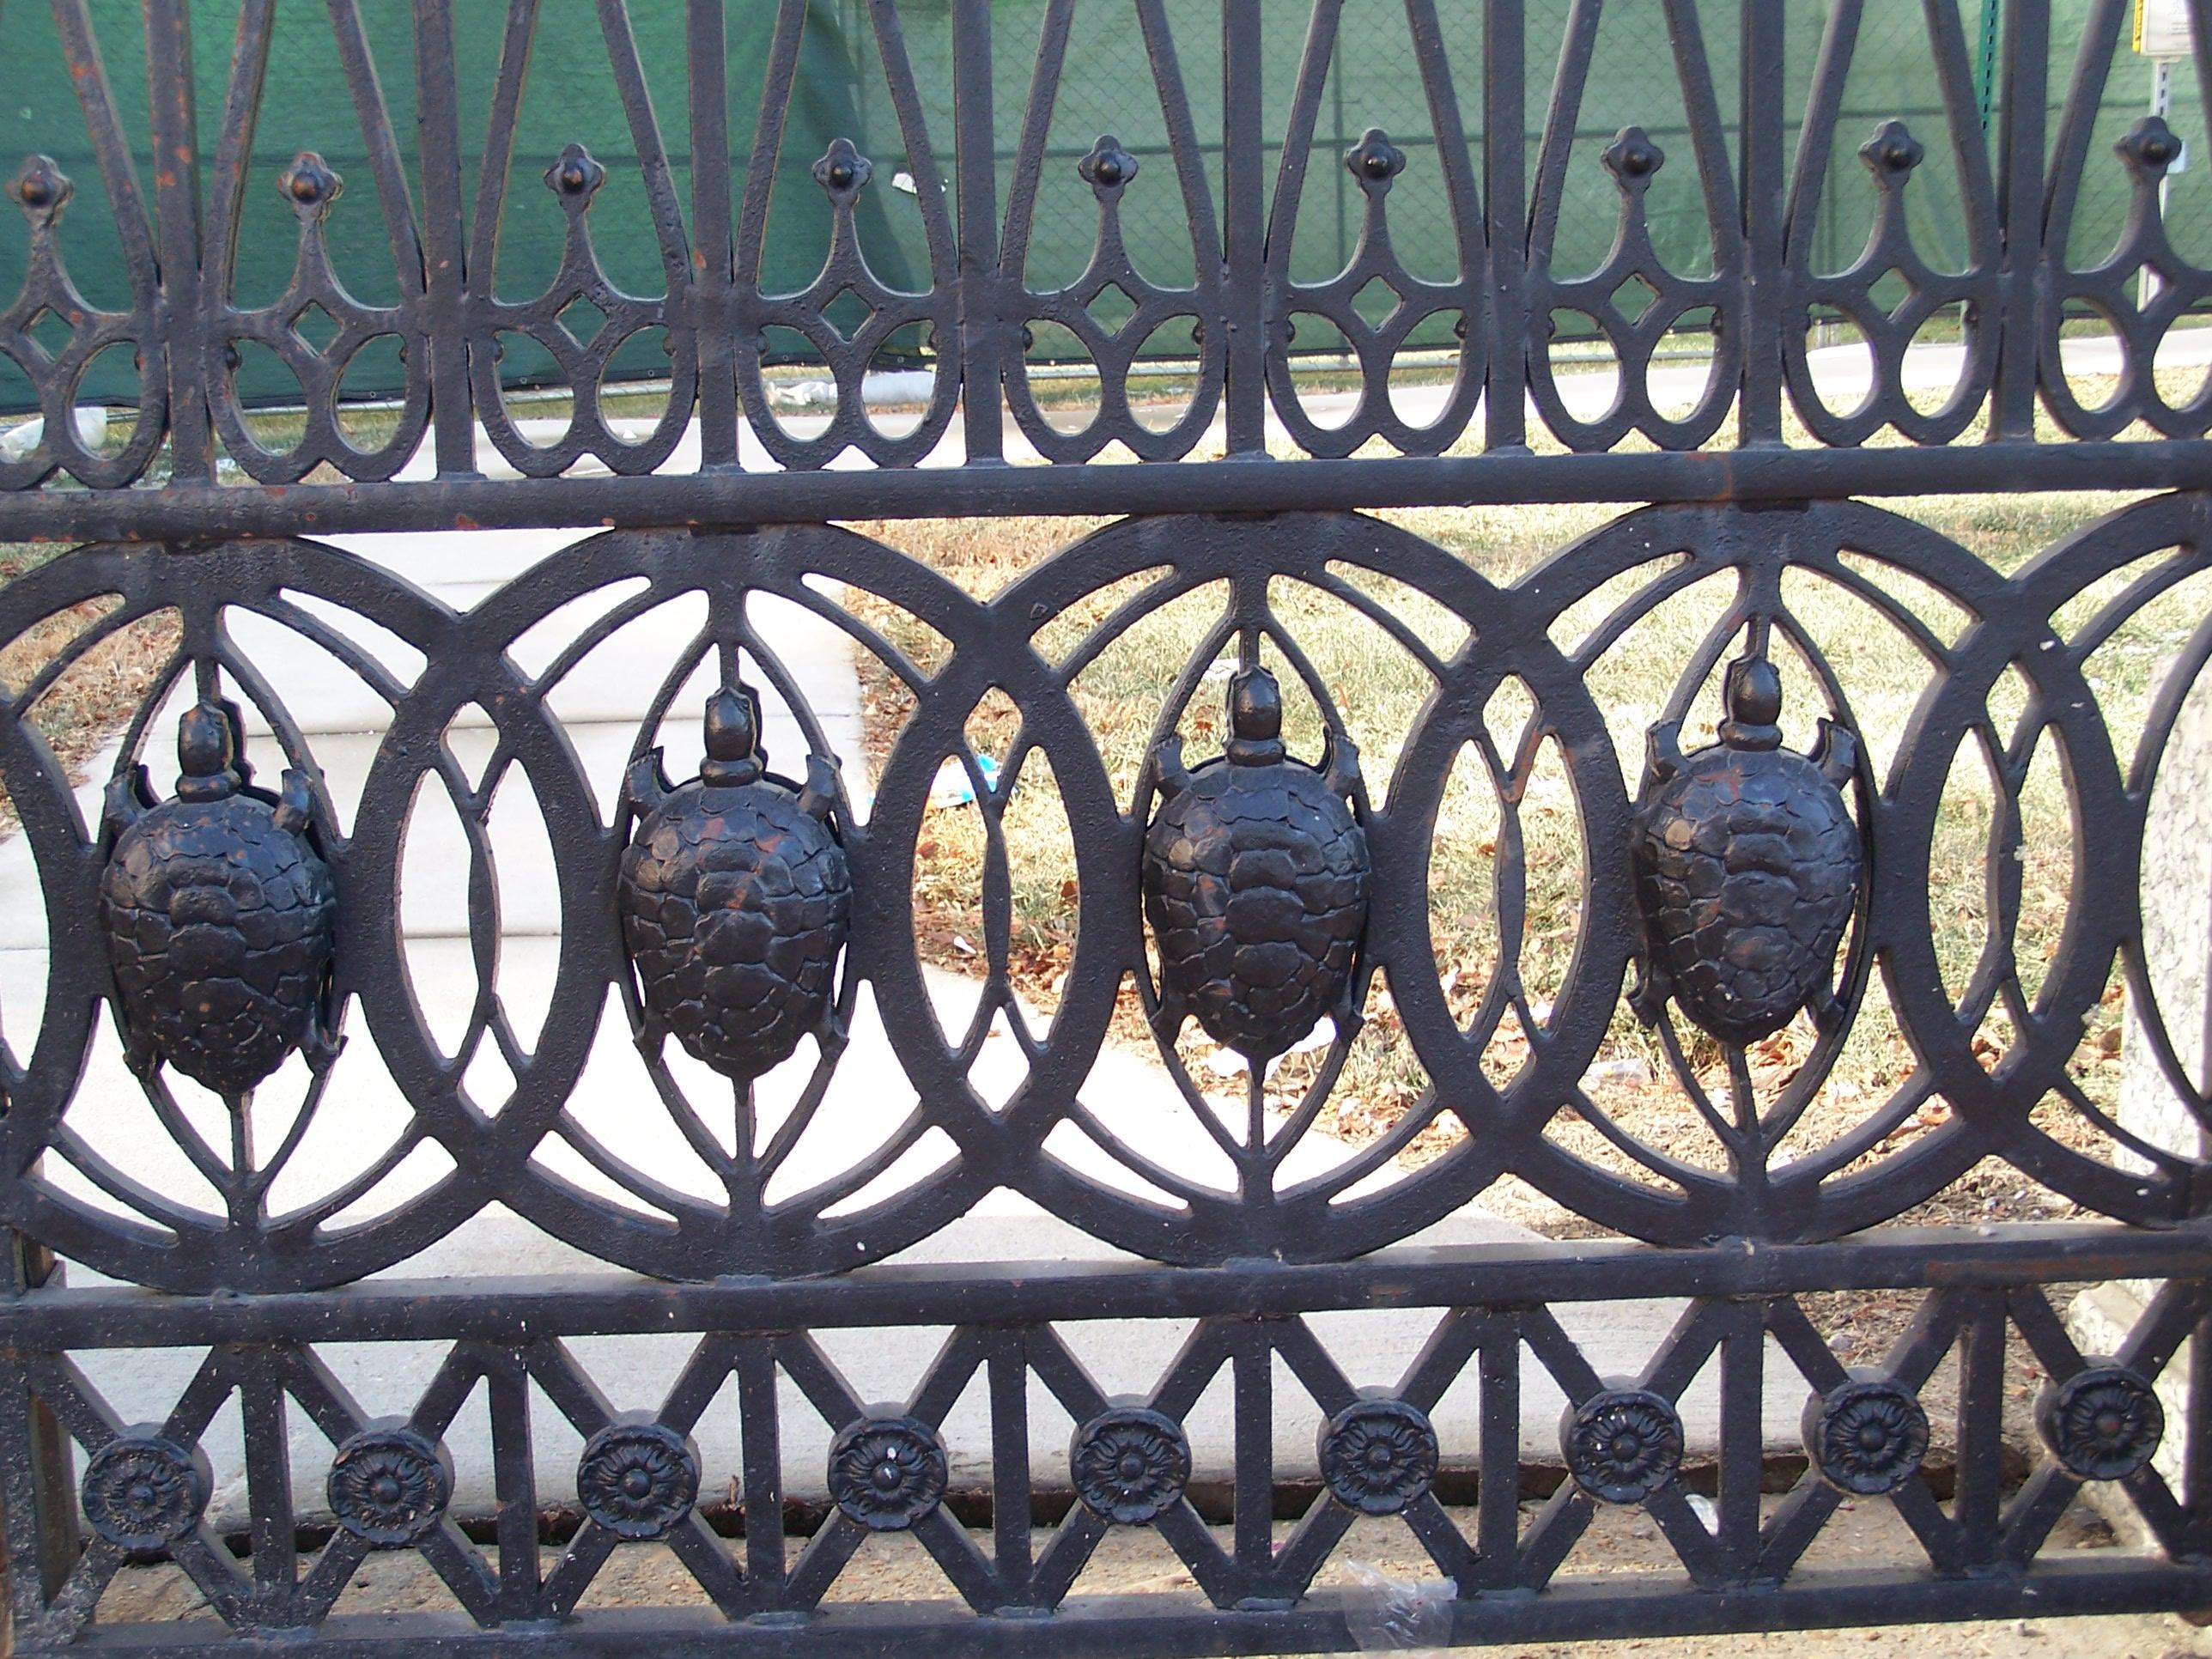 Turtle Fence 2